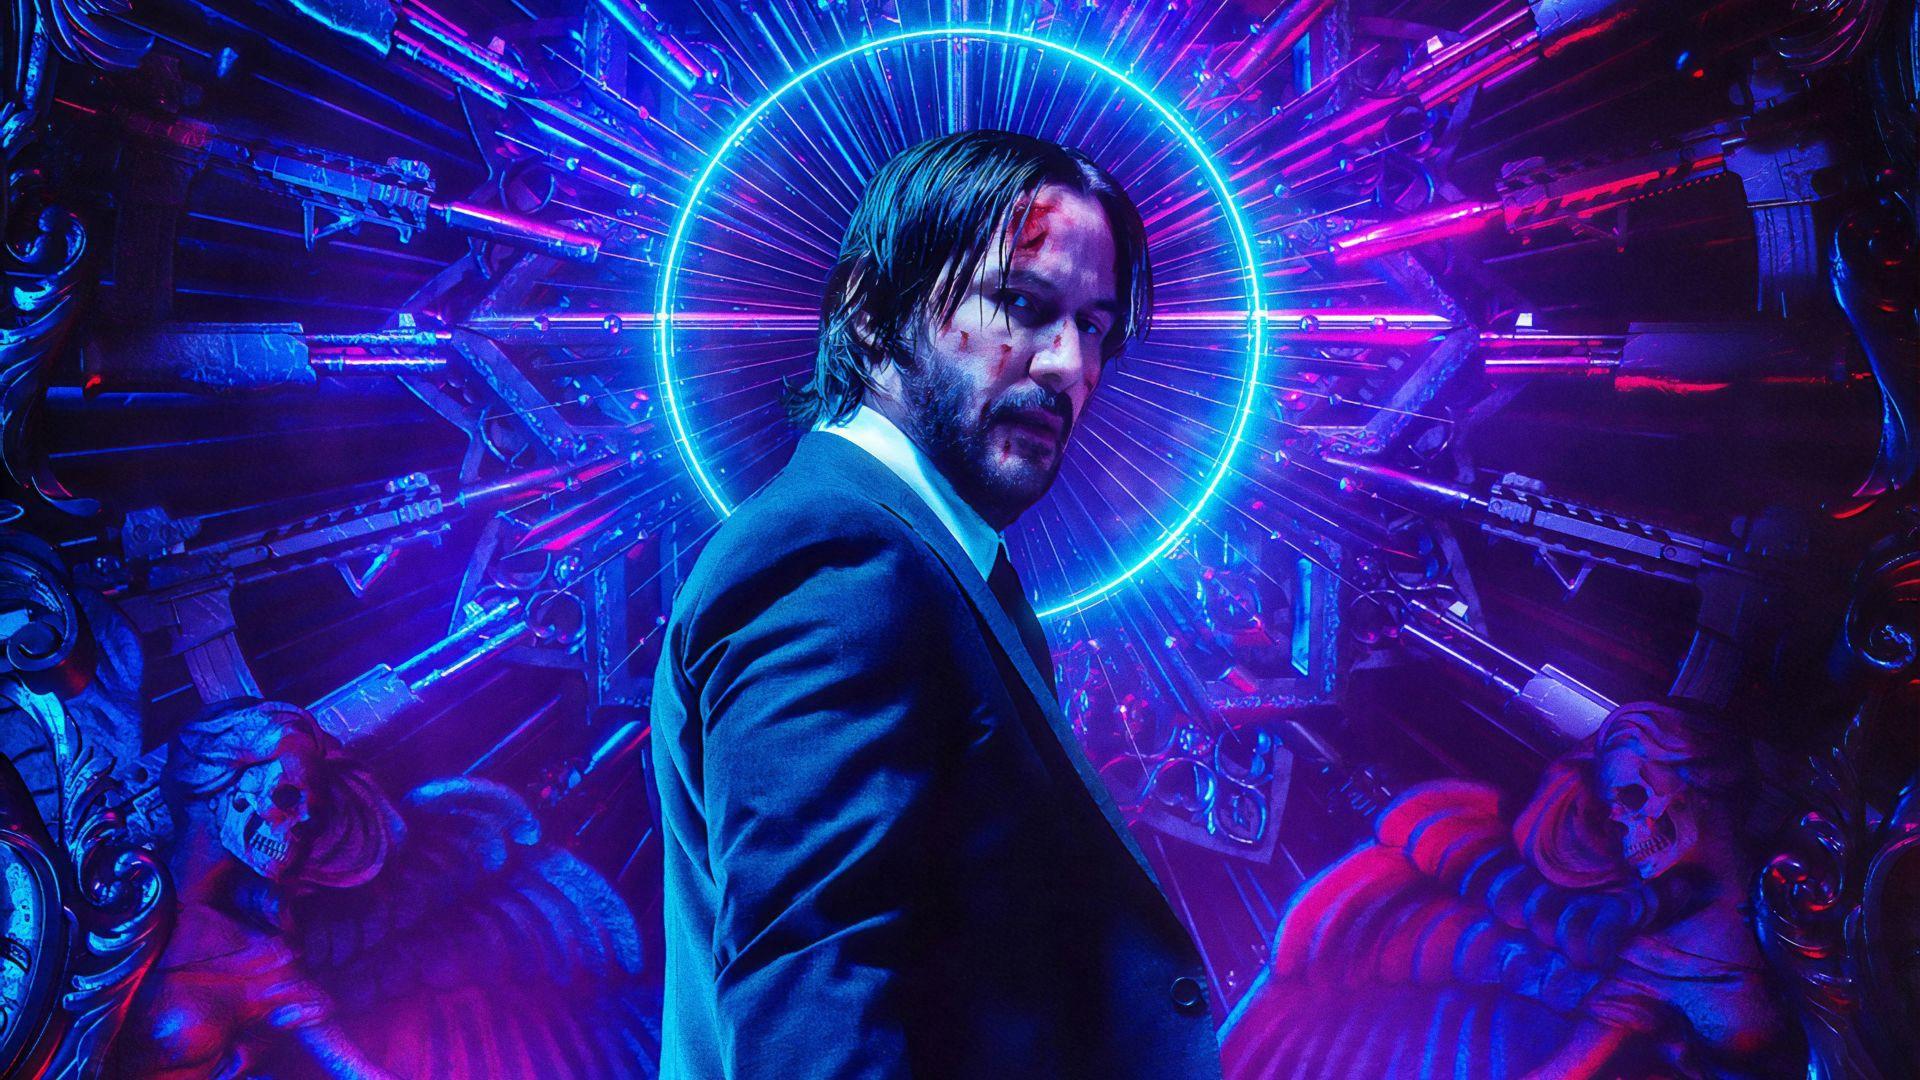 John Wick vai ganhar uma série conhecida por Continental, a informação veio do site hollywoodreporter que afirma que a série vai contar com 3 episódios.